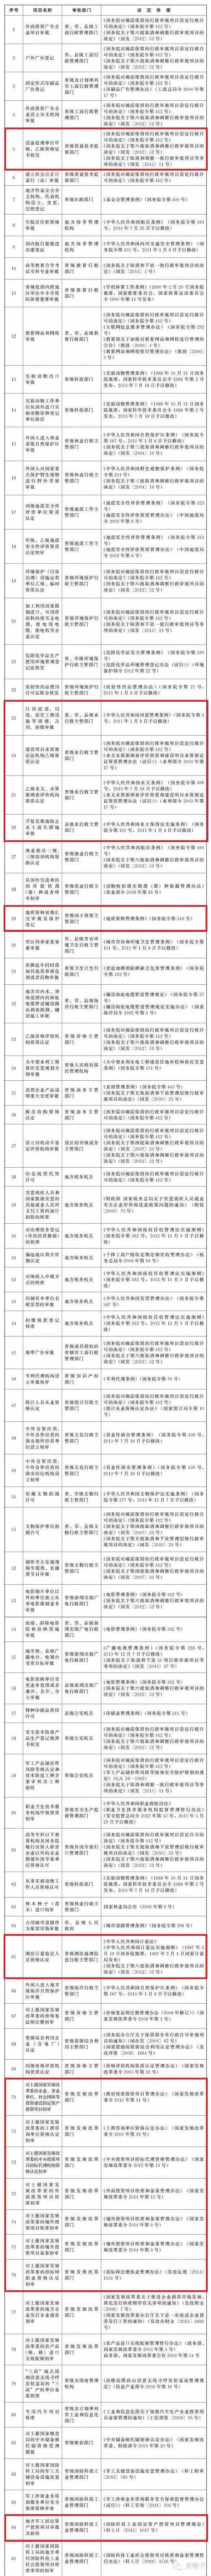 国务院:取消152项行政审批事项,涉工程建设领域40余项